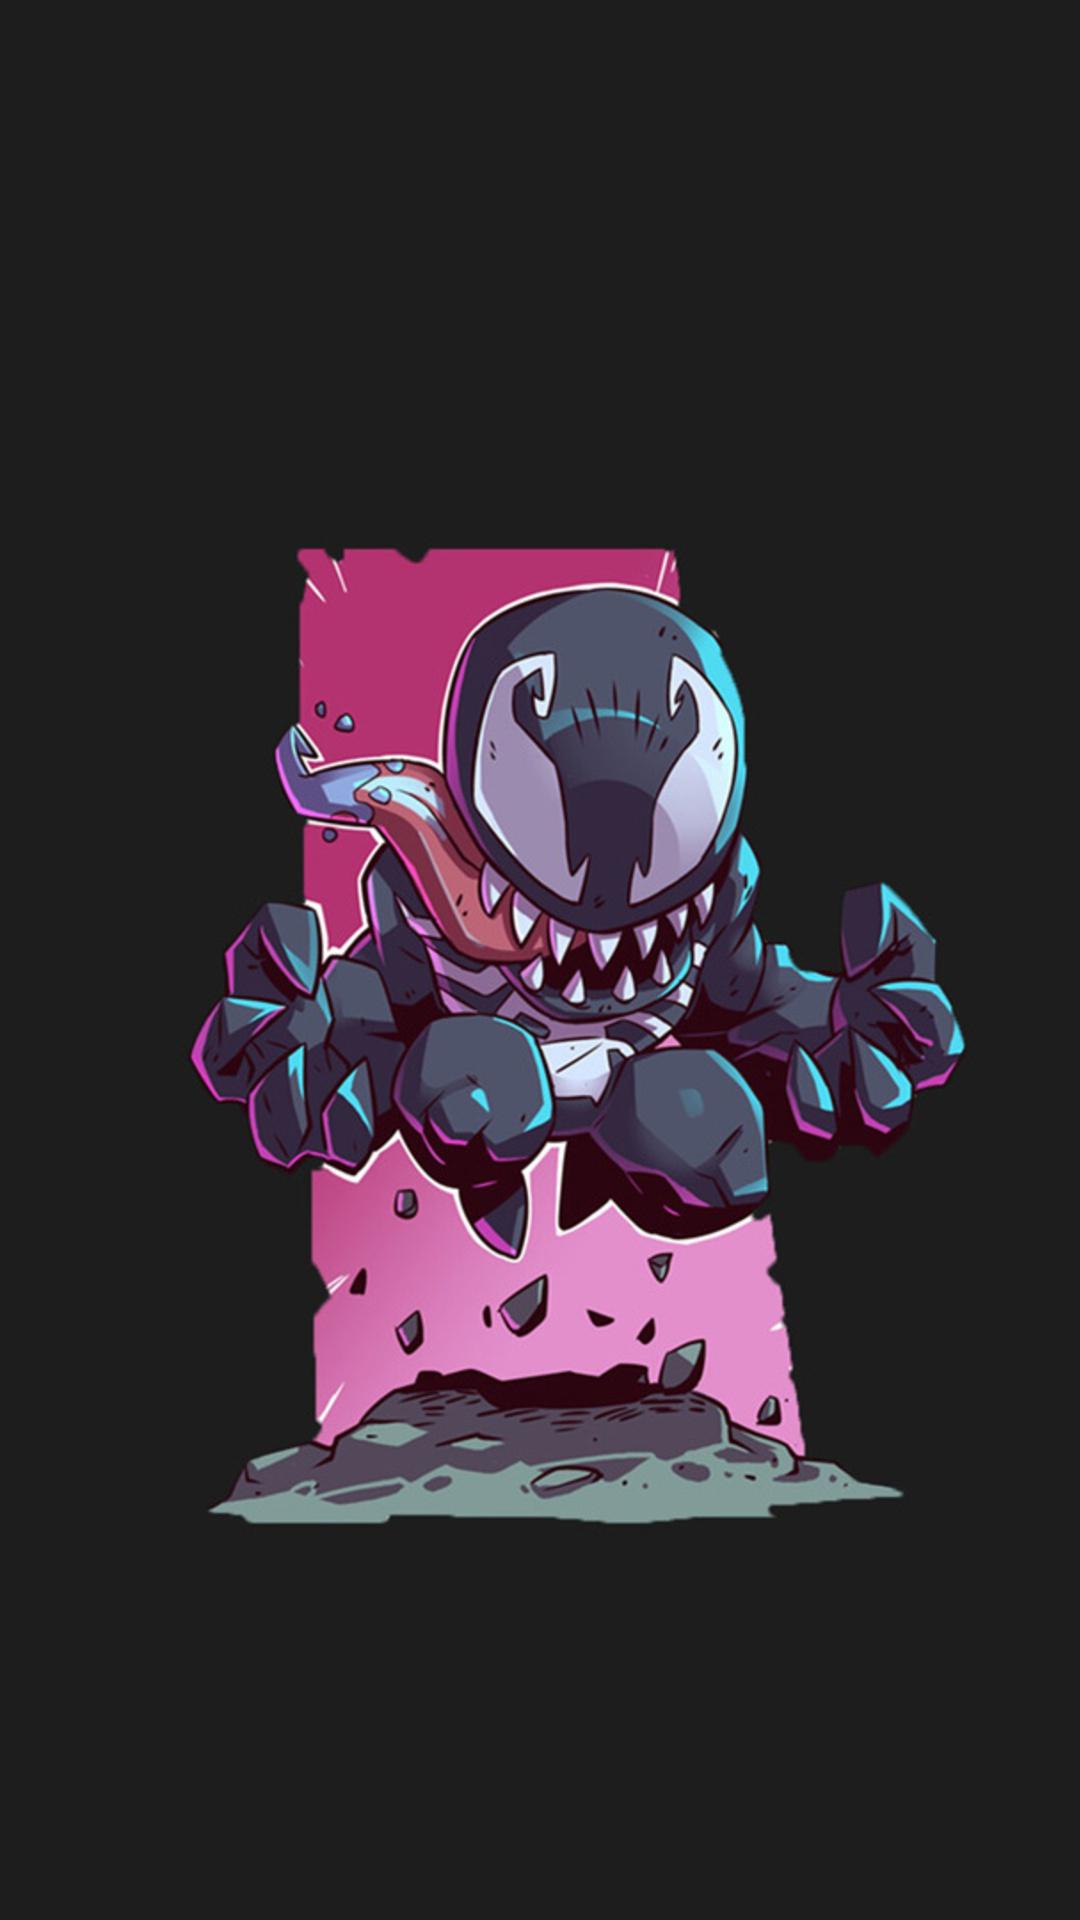 1080x1920 Venom Iphone 7 6s 6 Plus Pixel Xl One Plus 3 3t 5 Hd 4k